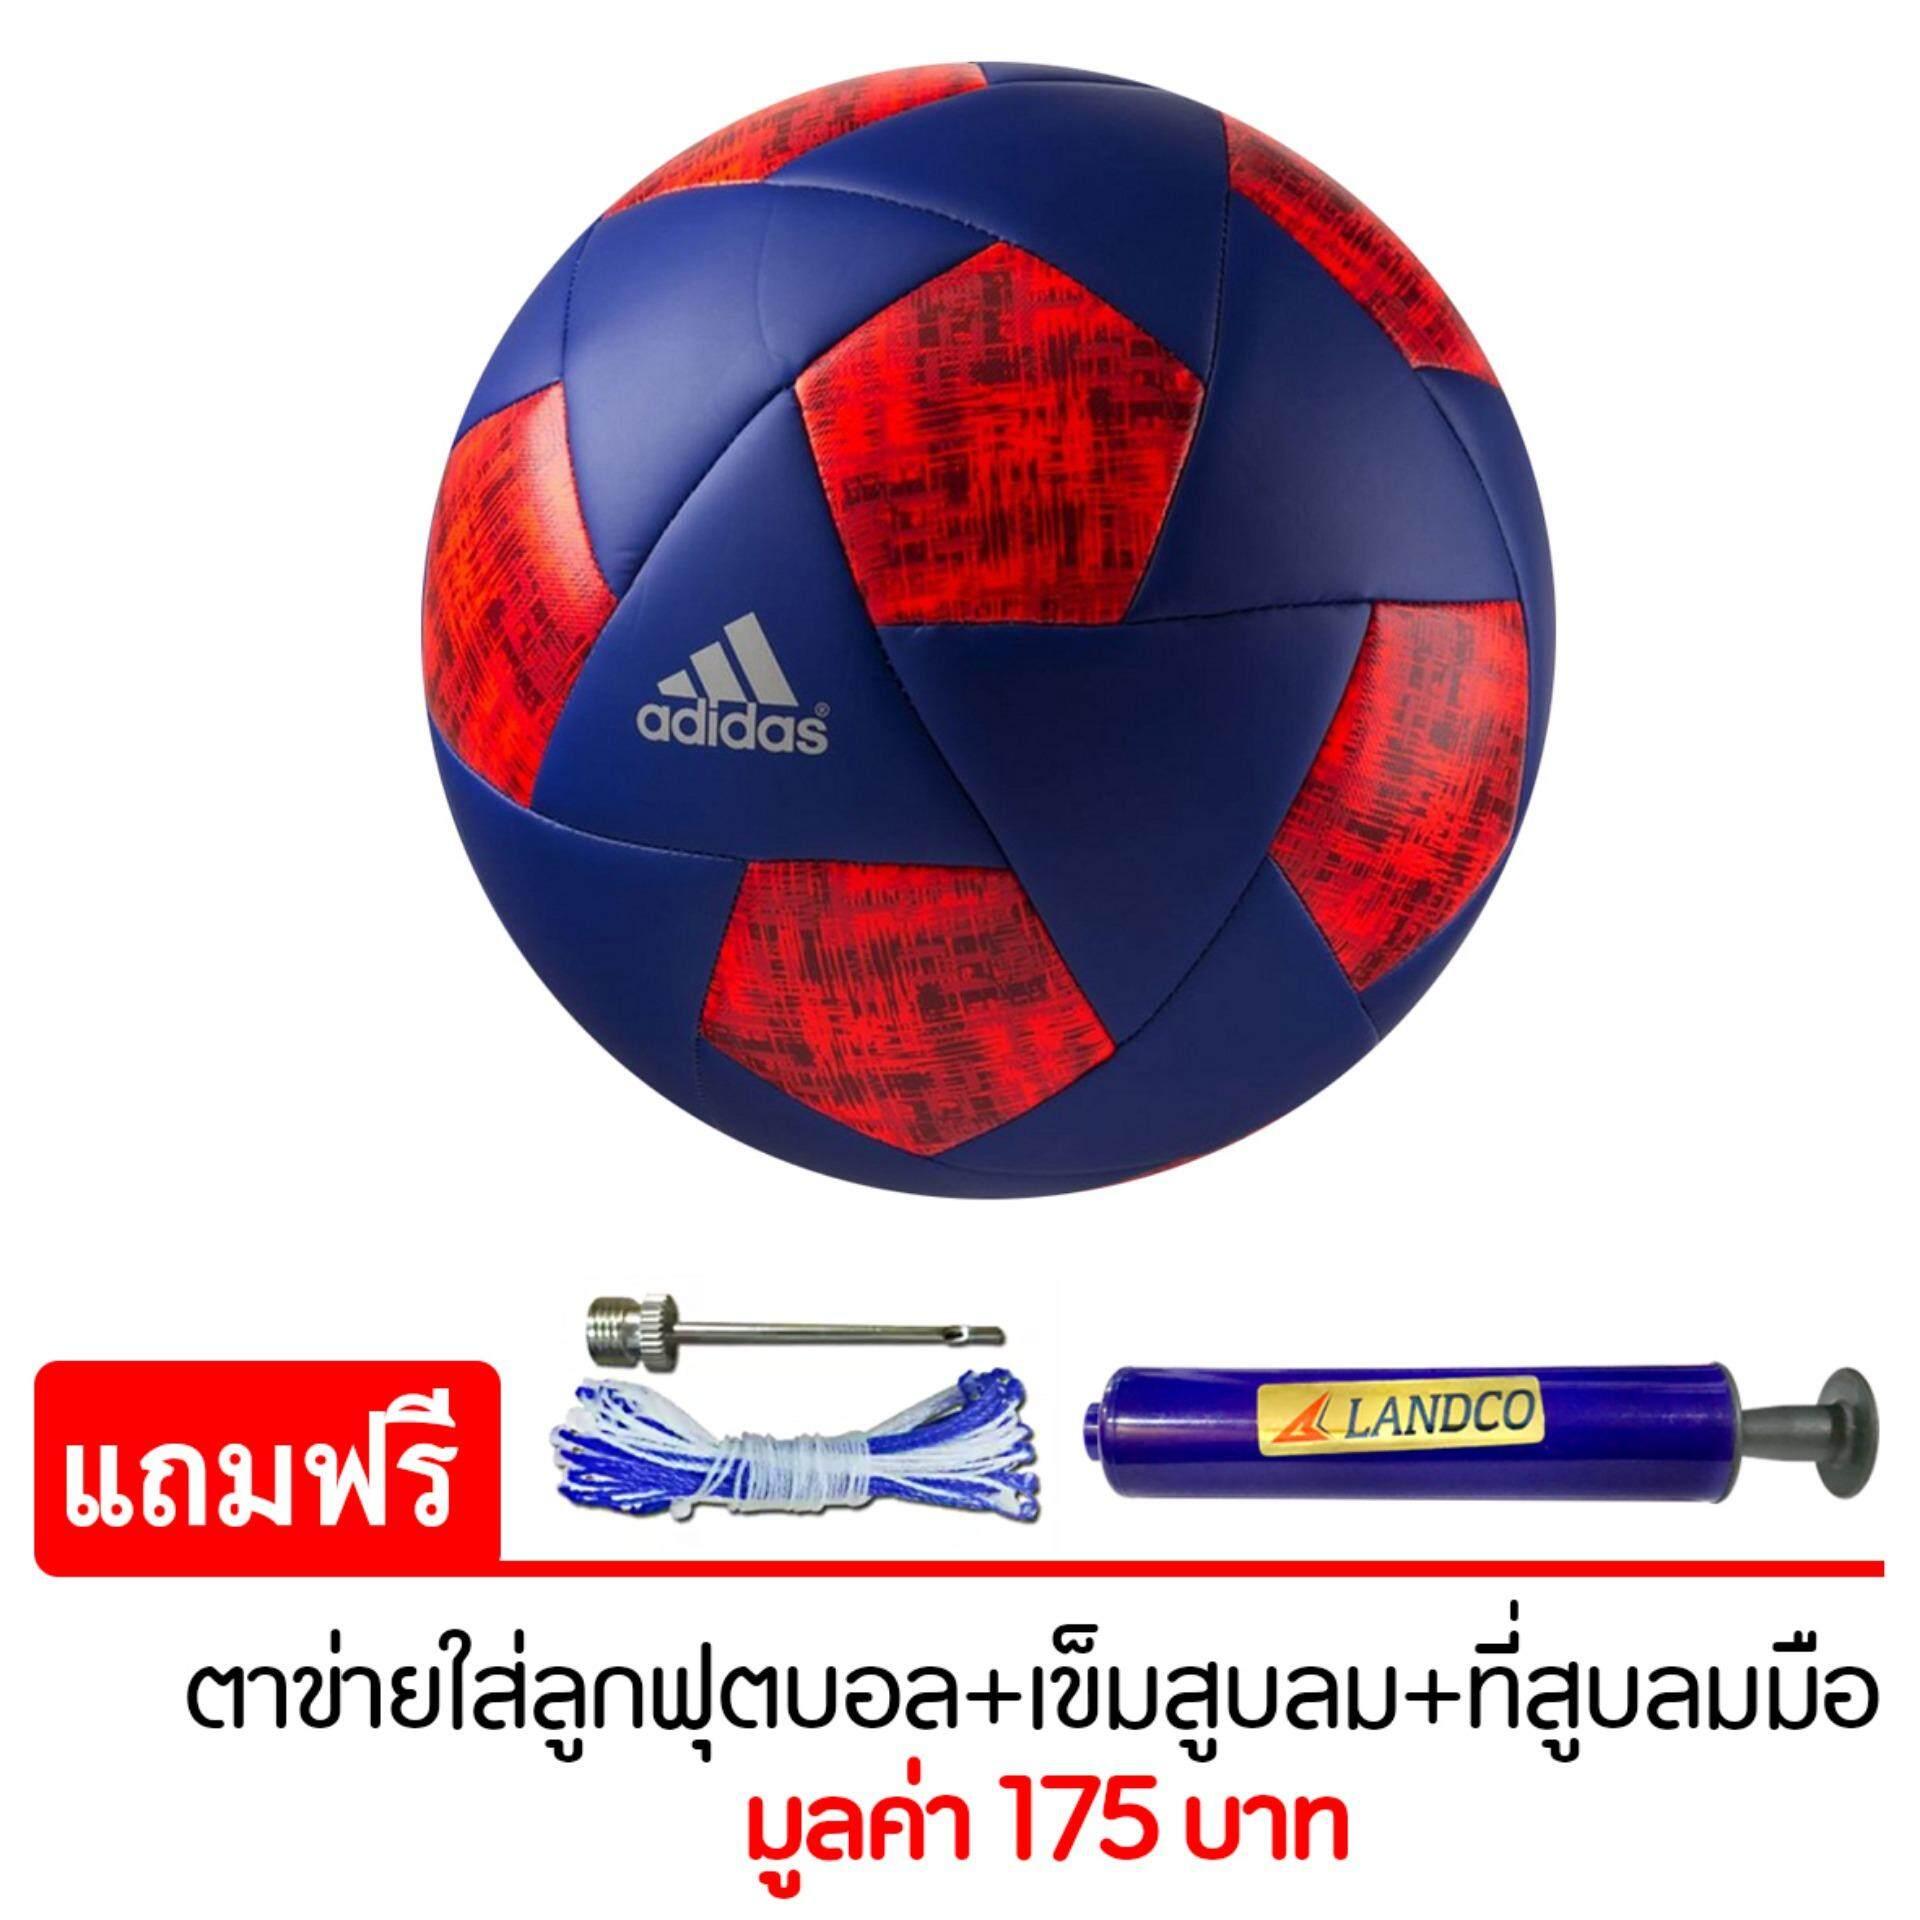 ราคา Adidas ฟุตบอล หนัง อาดิดาส Football Glider X B43349 แถมฟรี ตาข่ายใส่ลูกฟุตบอล เข็มสูบลม สูบมือ Spl รุ่น Sl6 สีน้ำเงิน ใหม่ ถูก